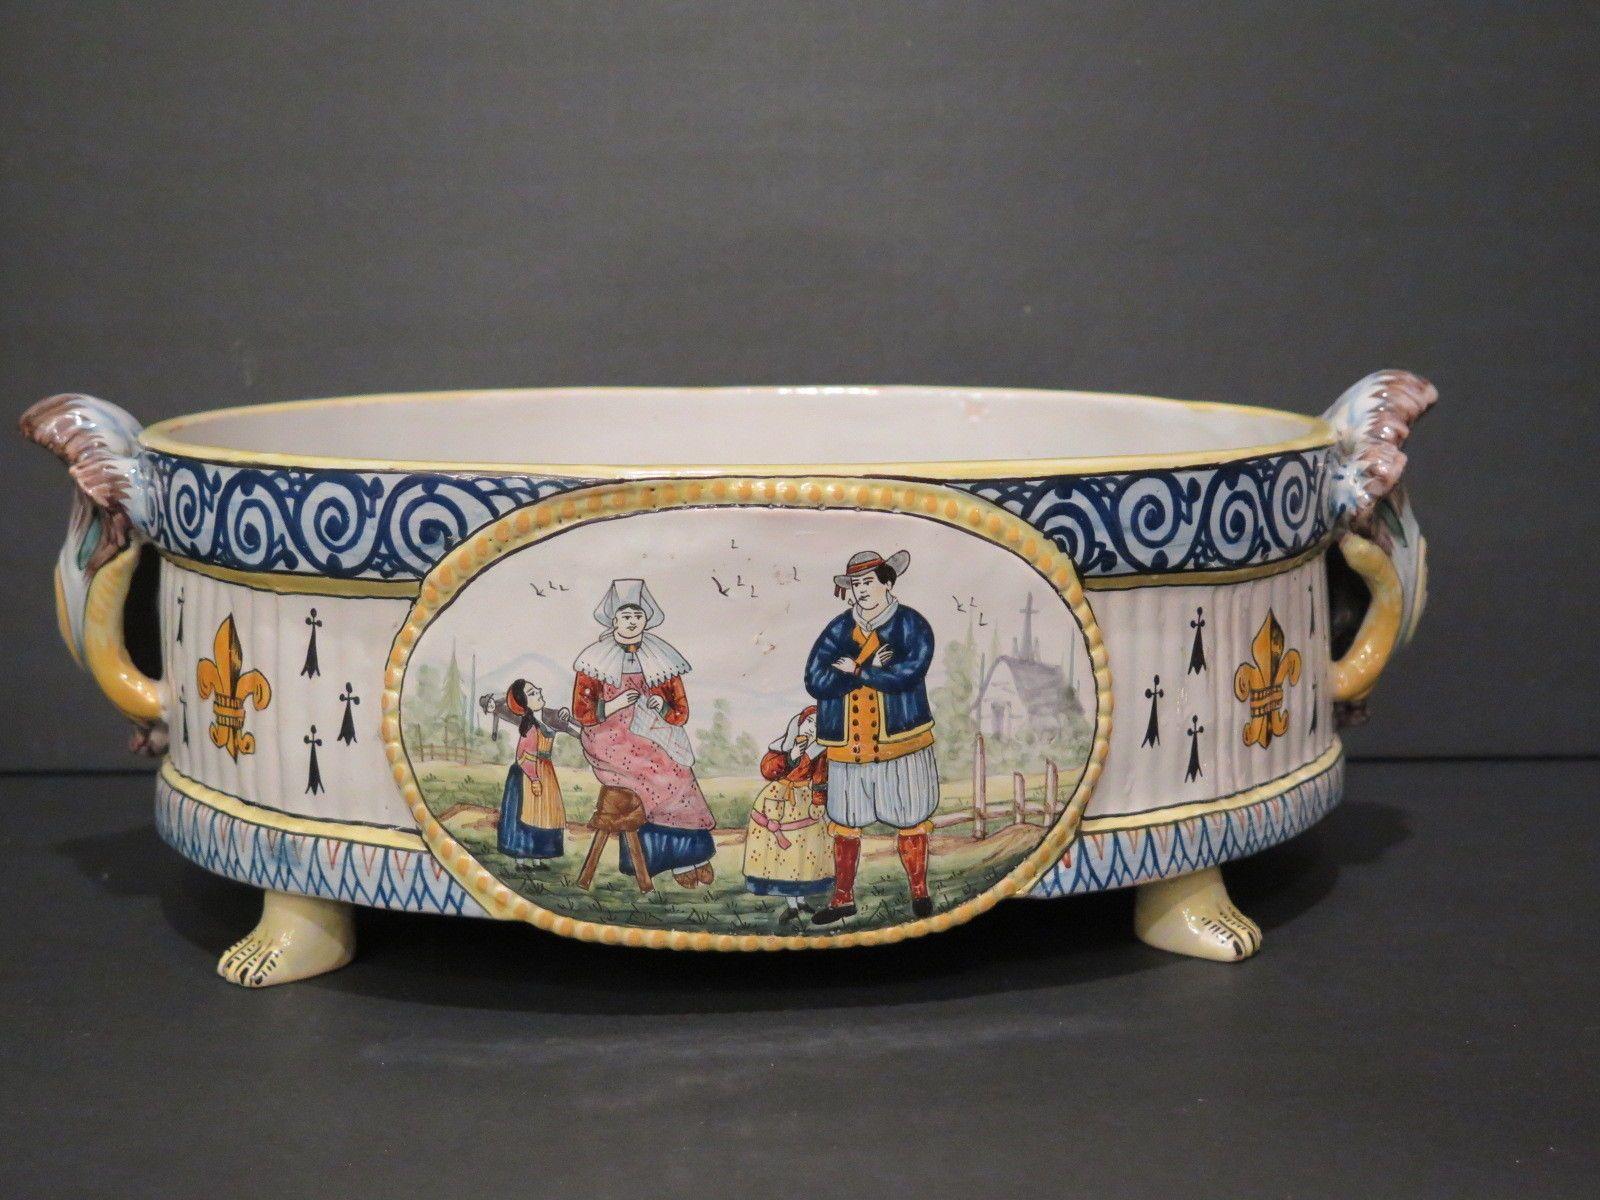 Antique Large Quimper Console Bowl Footed Toes Country Musical Fleur De Lis Quimper Fleur De Lis Bowl